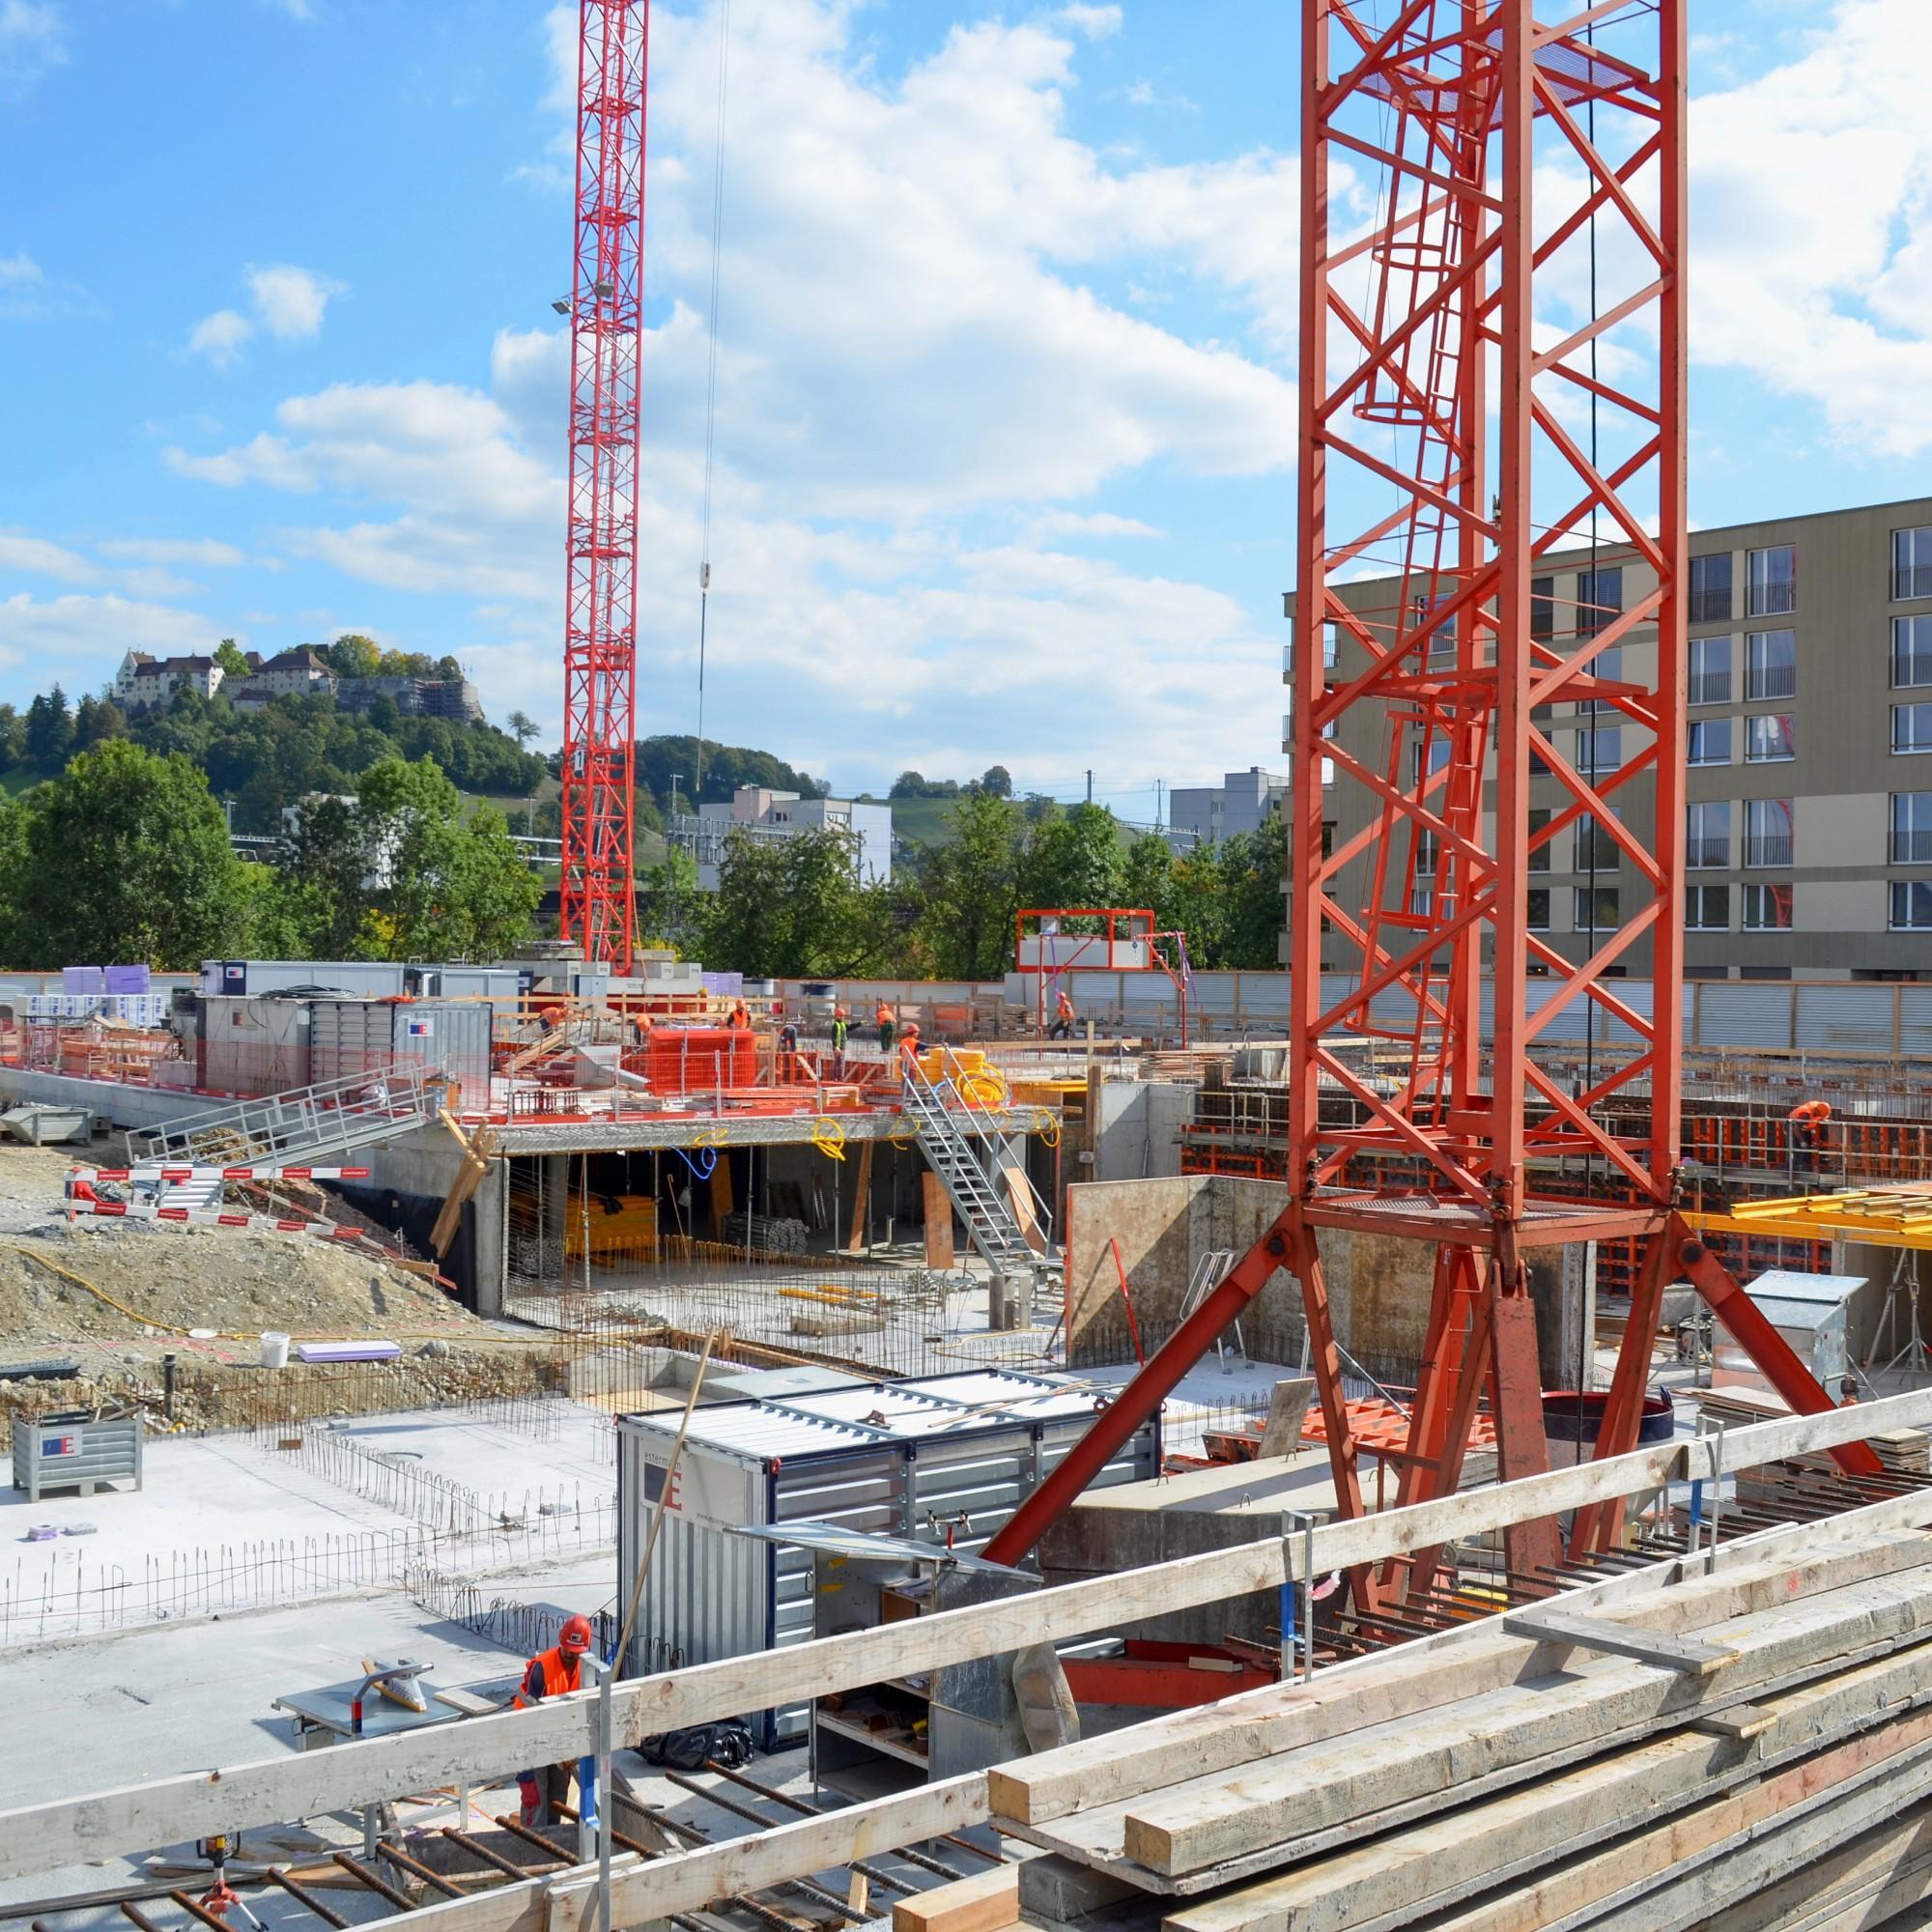 Nach wie vor boomt der Wohnungsbau inder Region Lenzburg. Auch die Nähe zu Zürich und Aarau macht den Ort zu einer bevorzugten Wohngegend. Allerdings erhöhte sich bei Einfamilienhäusern die Leerstandsquote.